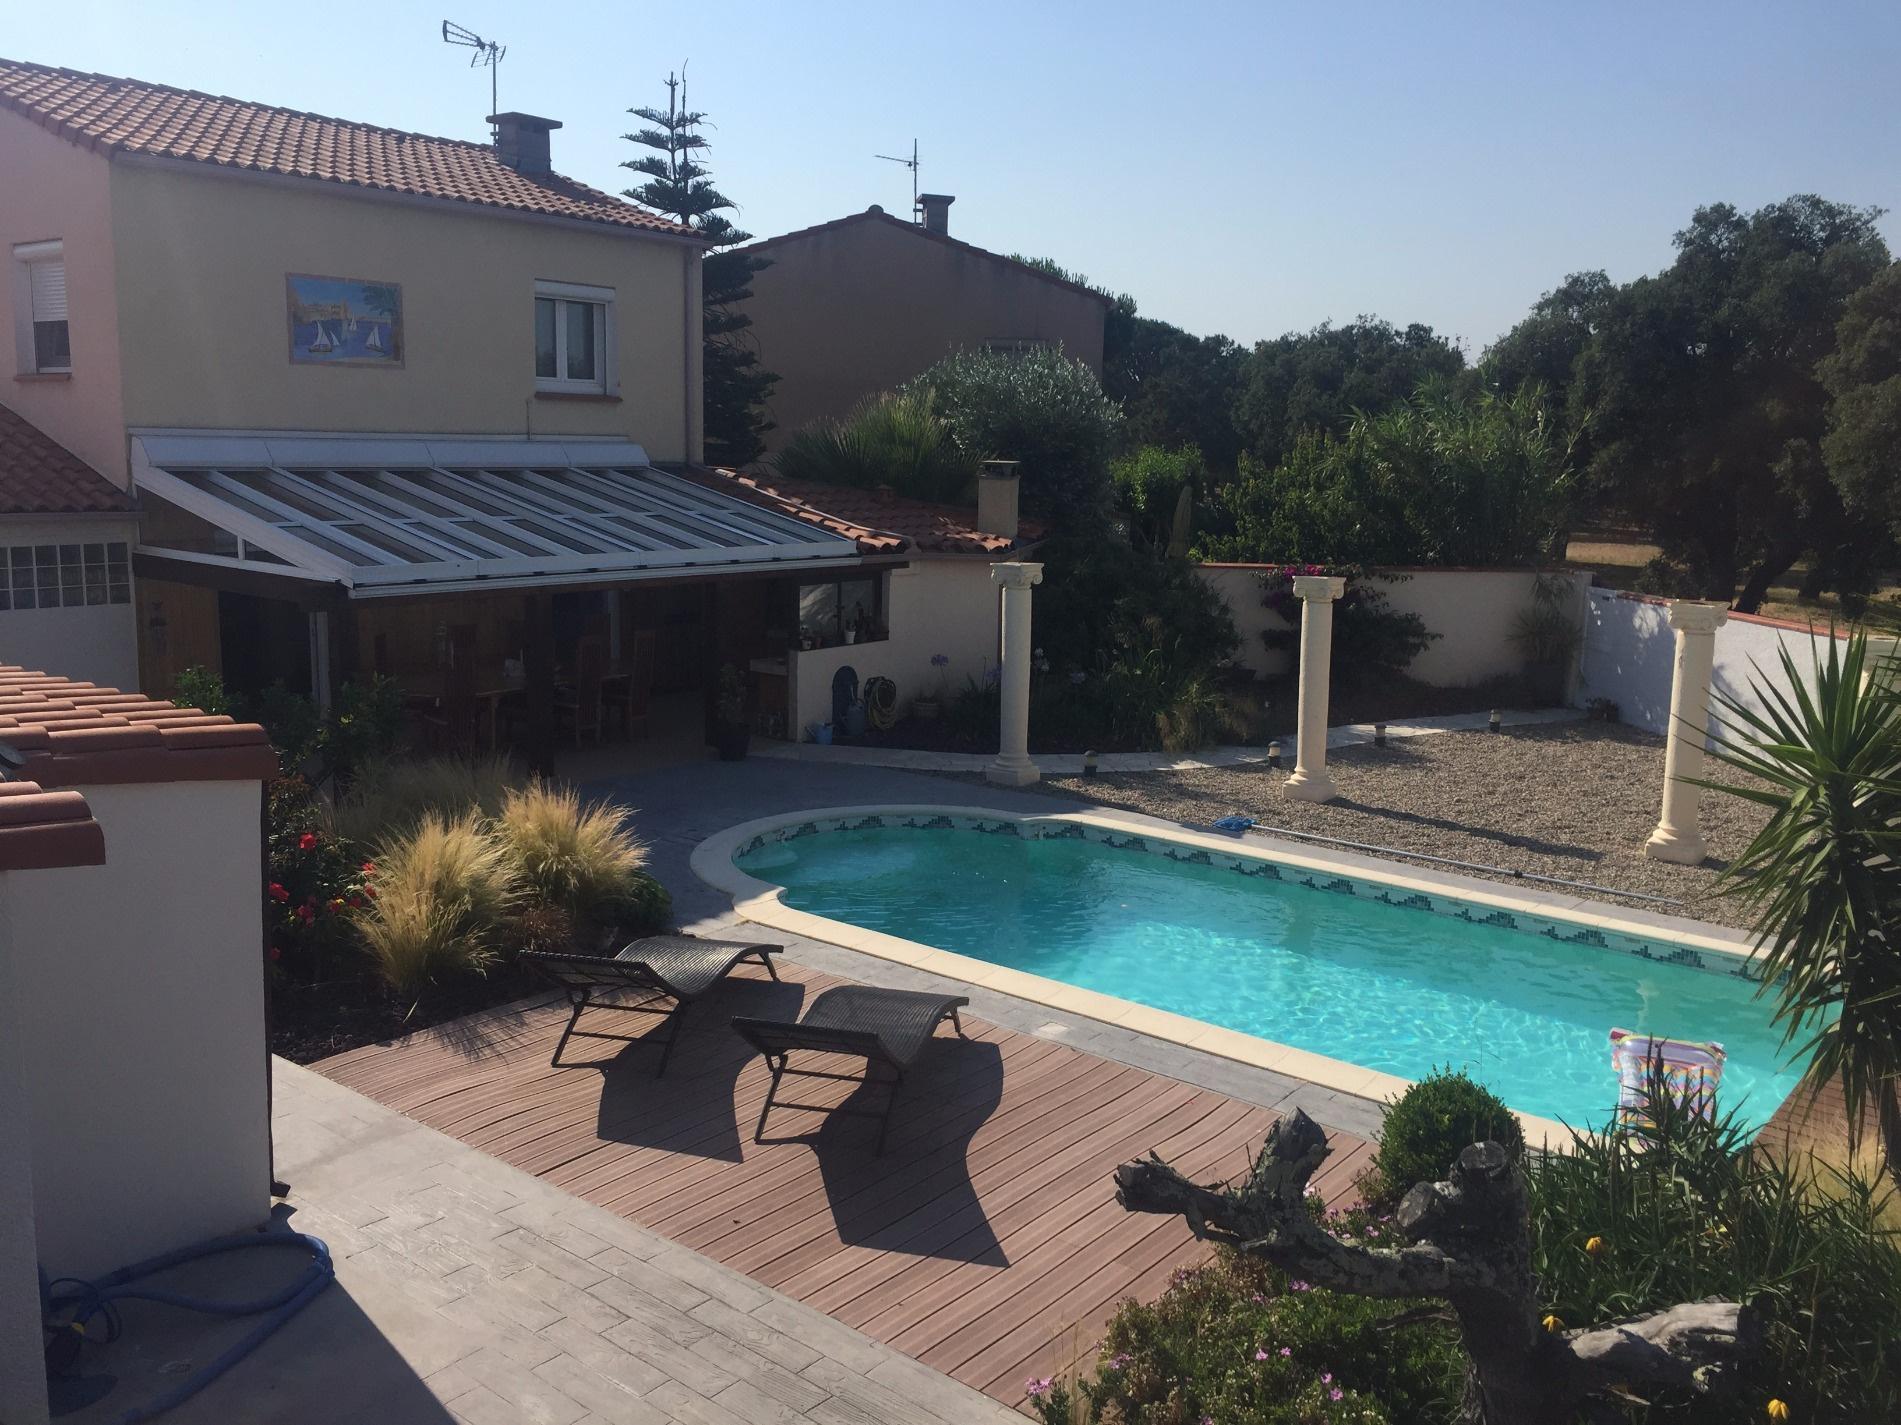 Vente villa saint est ve 100m avec piscine for Piscine st esteve